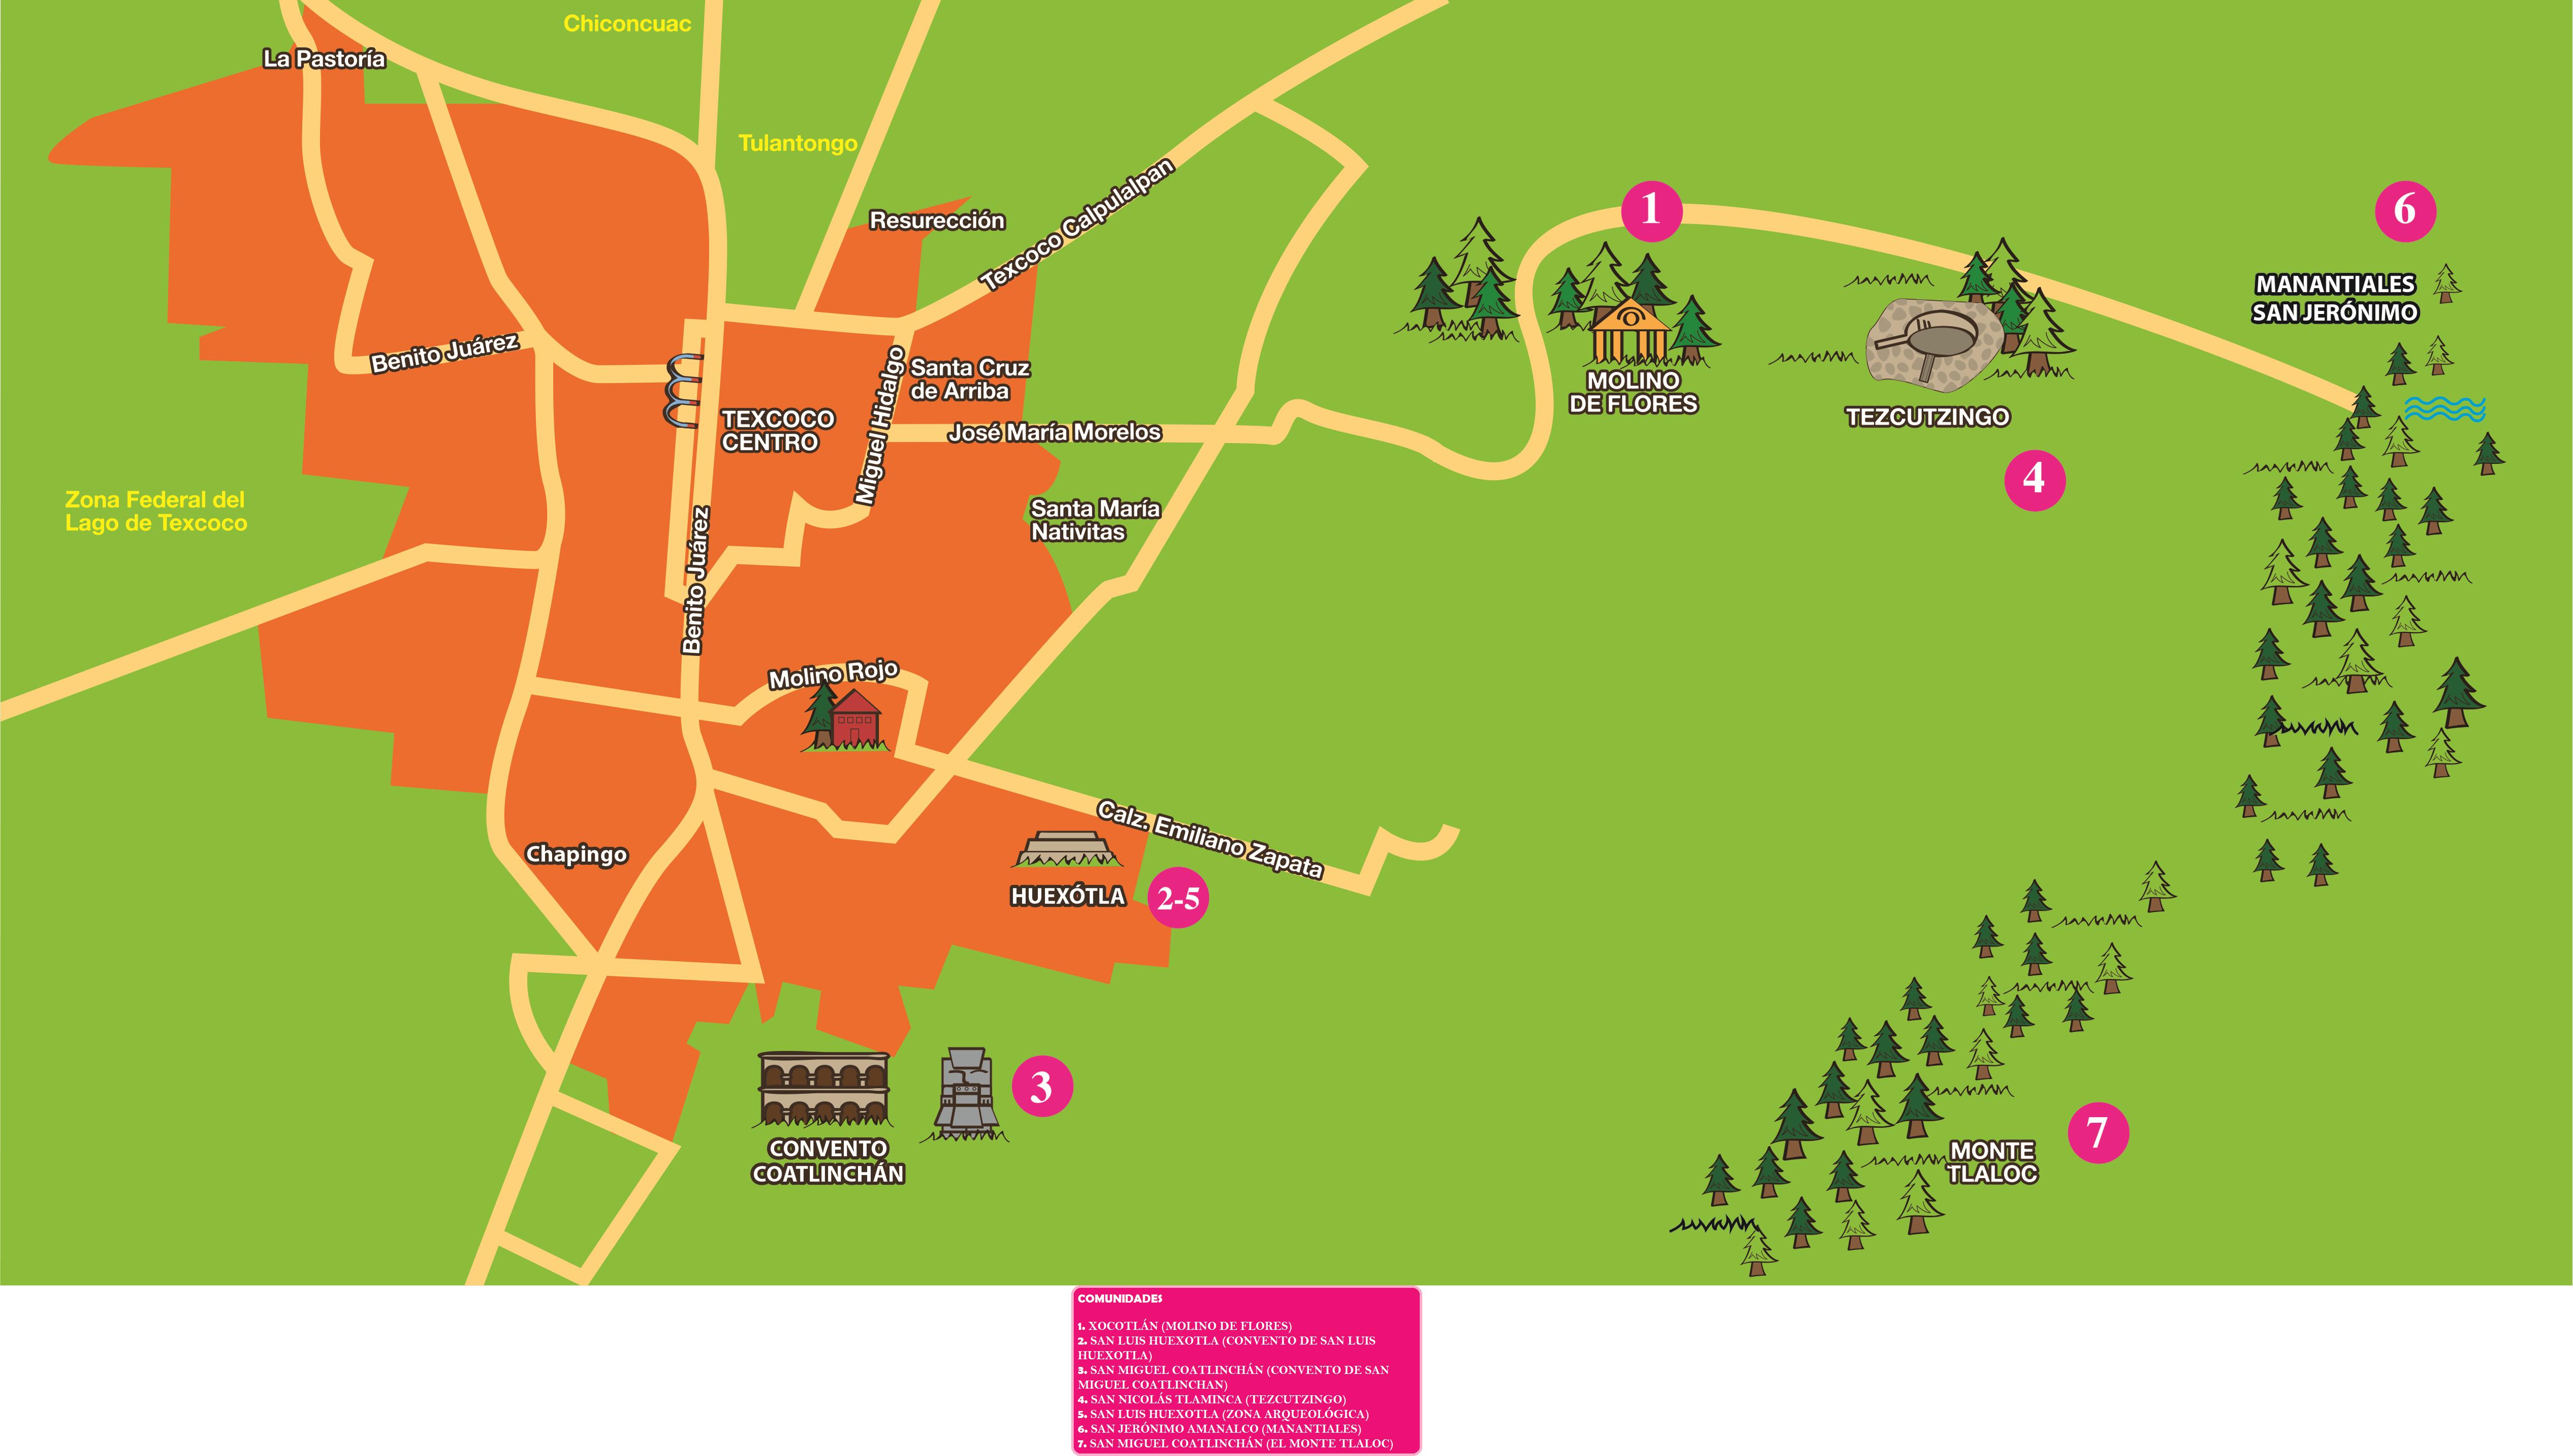 ¿Cómo llegar a Tezcucingo? (Imagen del H. Ayuntamiento de Texcoco)